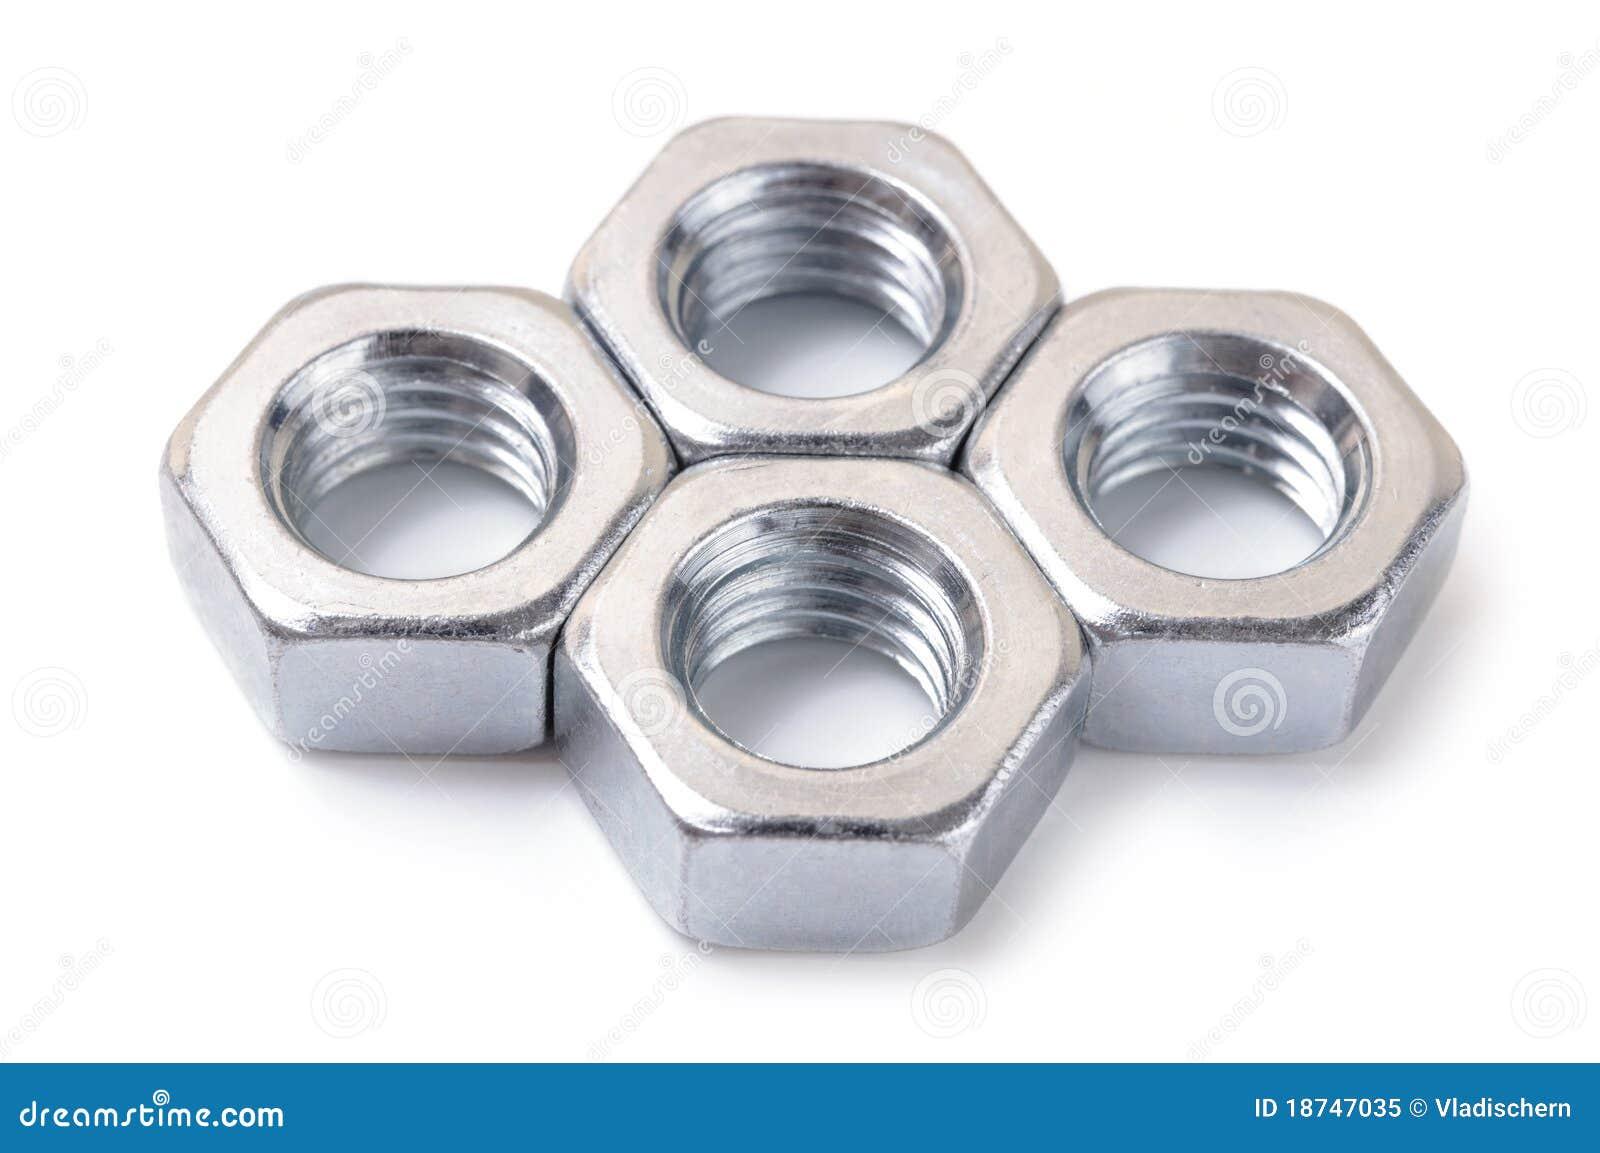 Metal nut